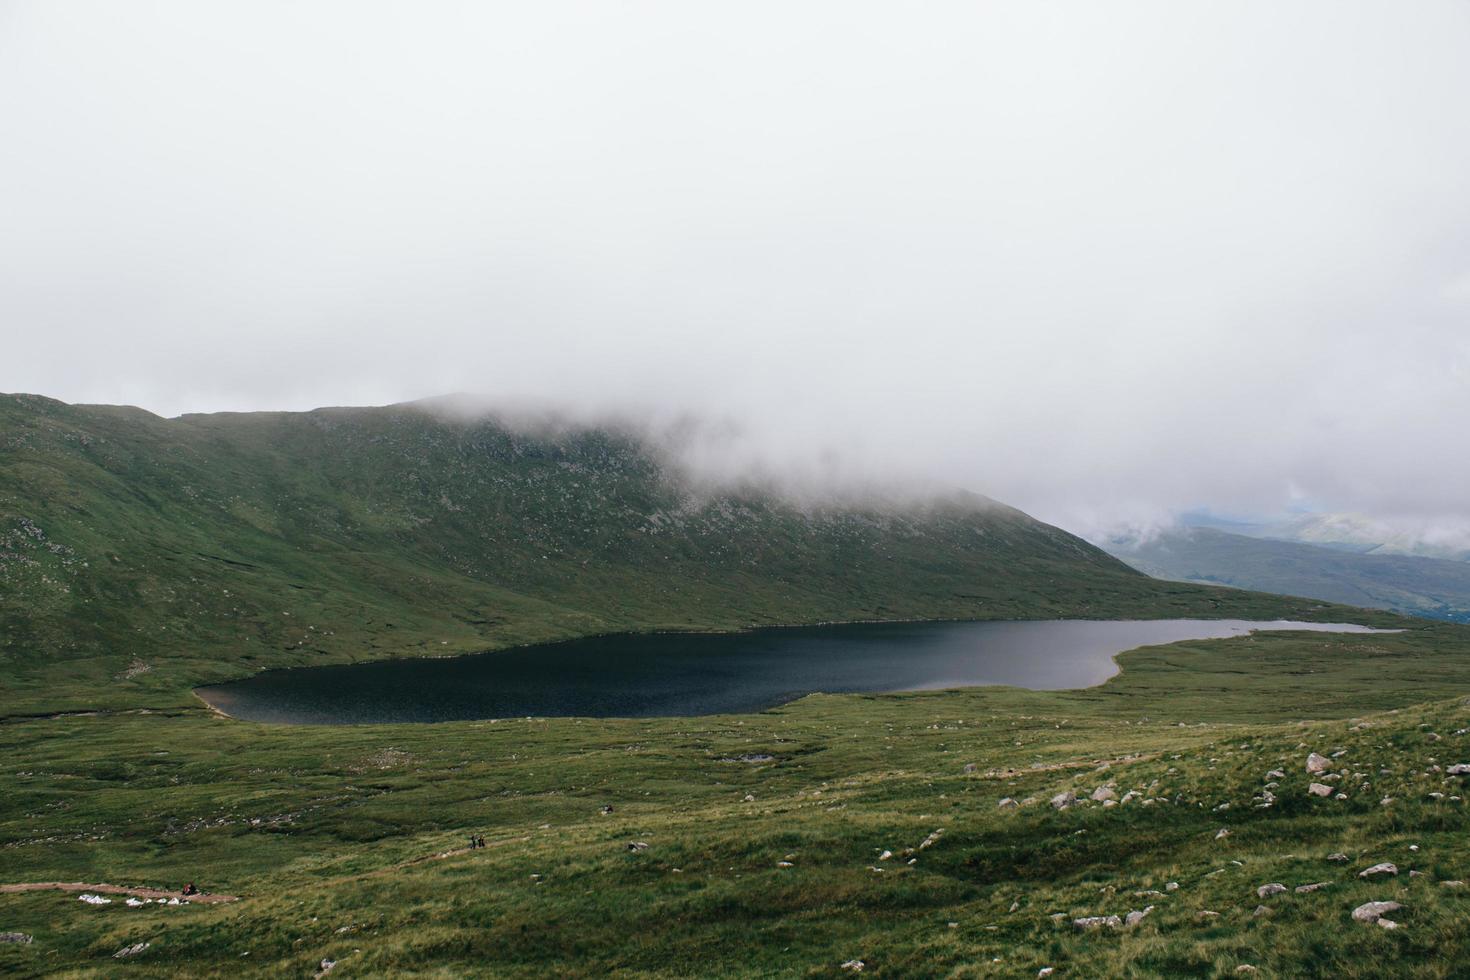 lac et champ d'herbe verte photo